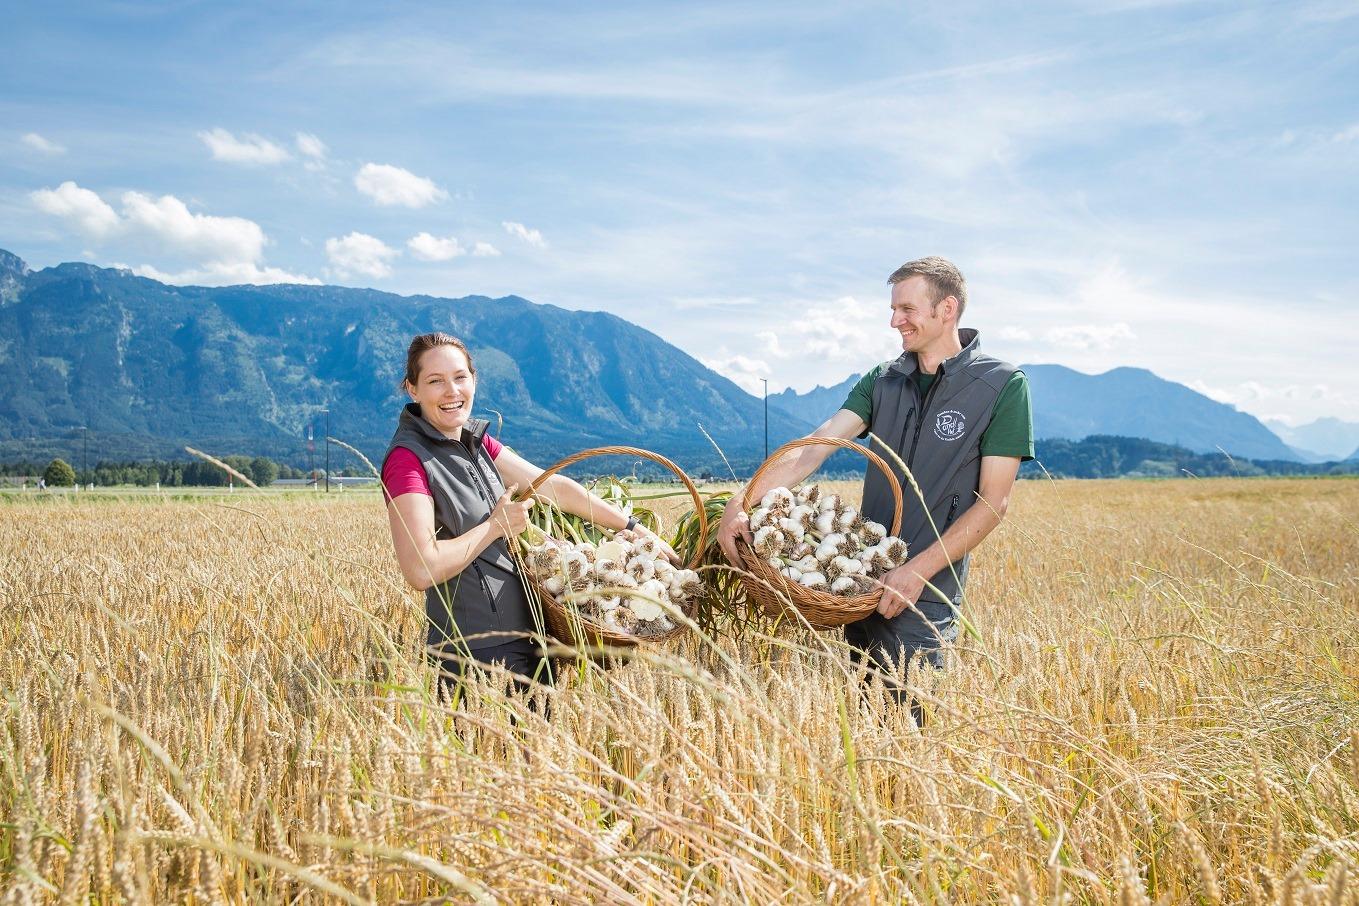 Mann und Frau im Getreidefeld mit Körben voll Knoblauch